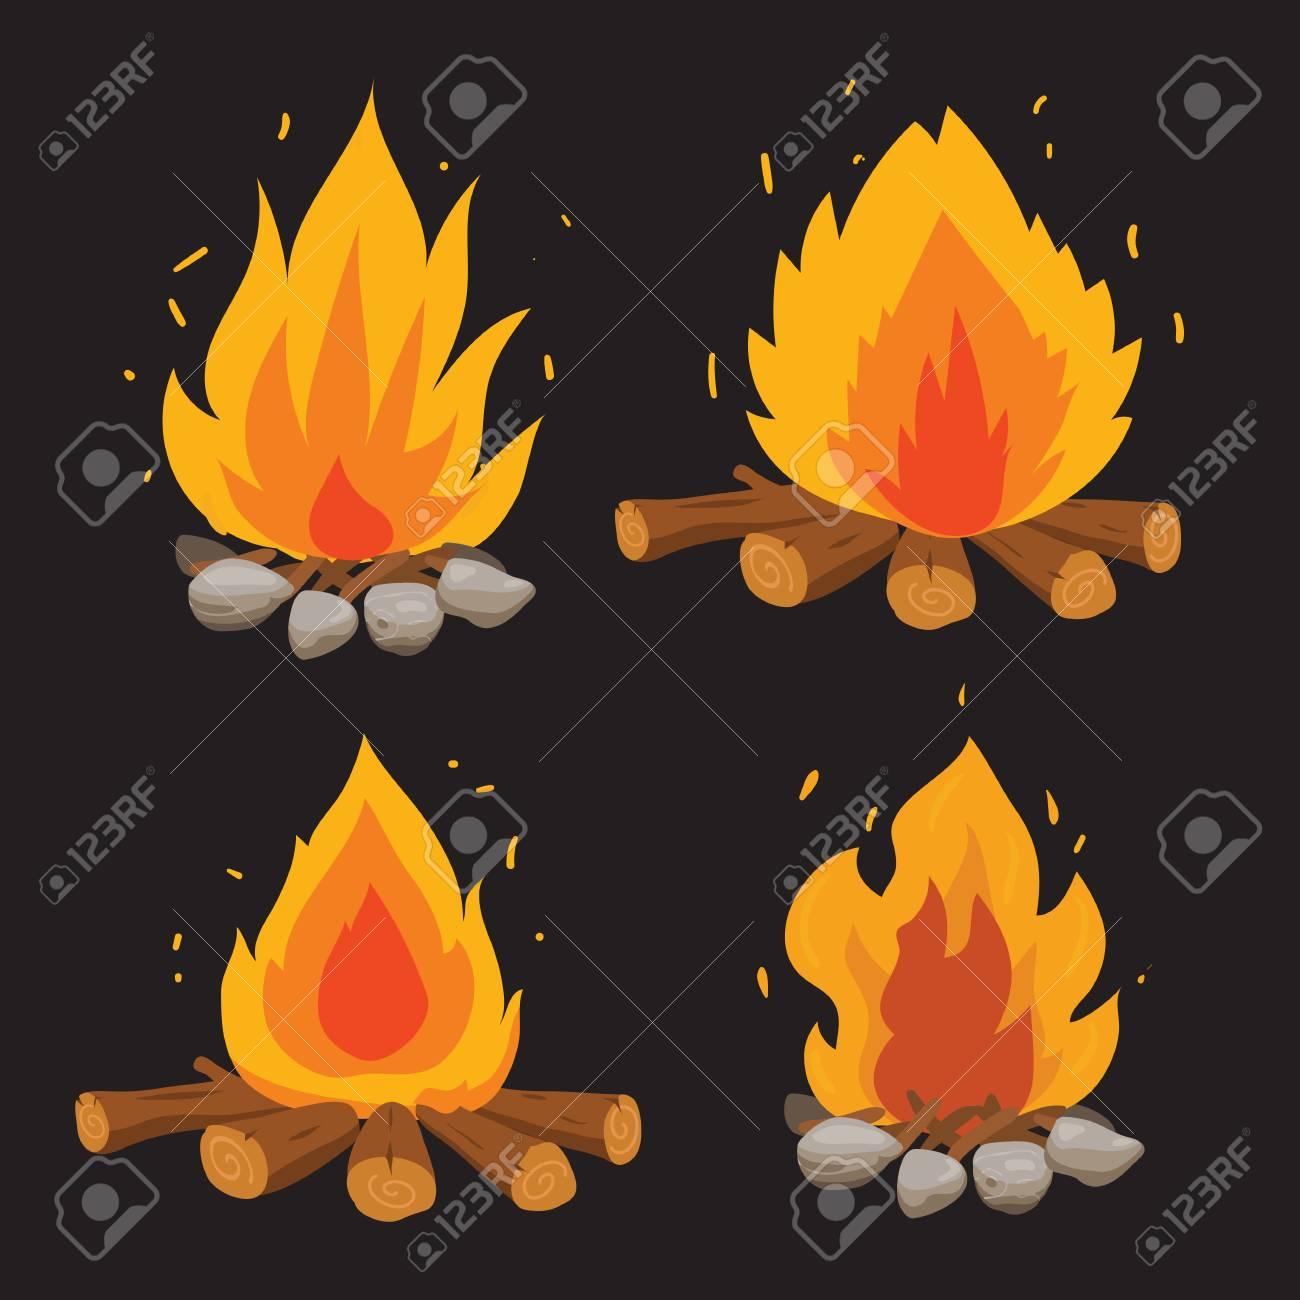 fire vector collection design, bonfire vector collection design - 105003020